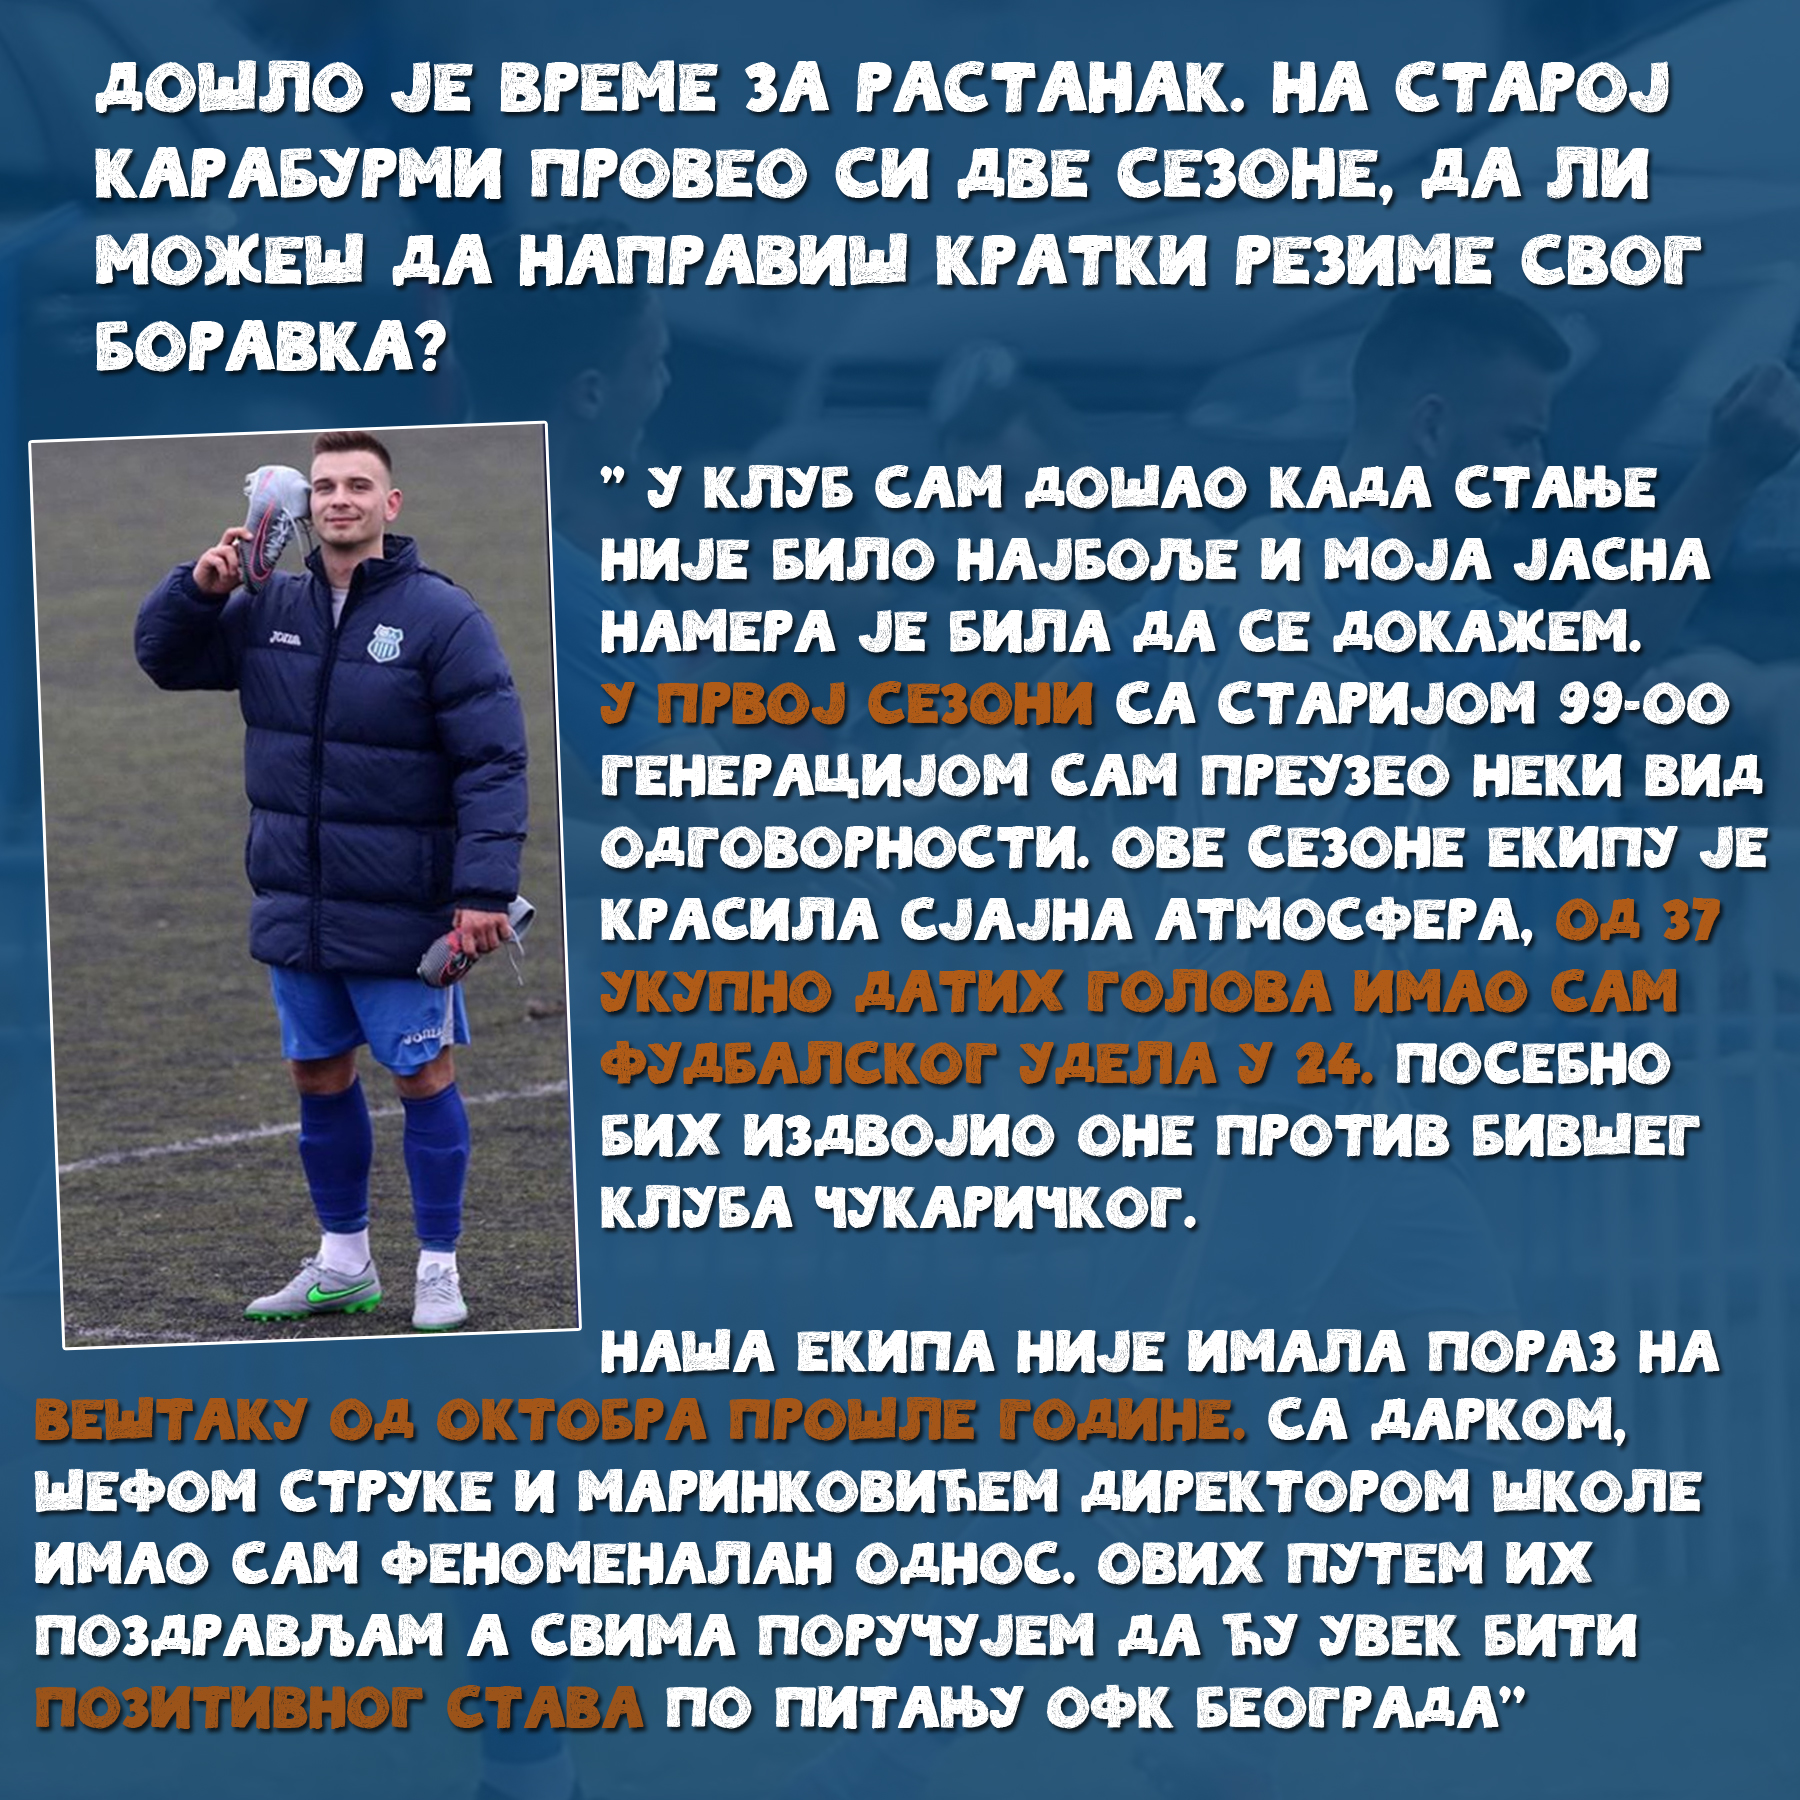 Омладинац Милош Петровић се растао са клубом